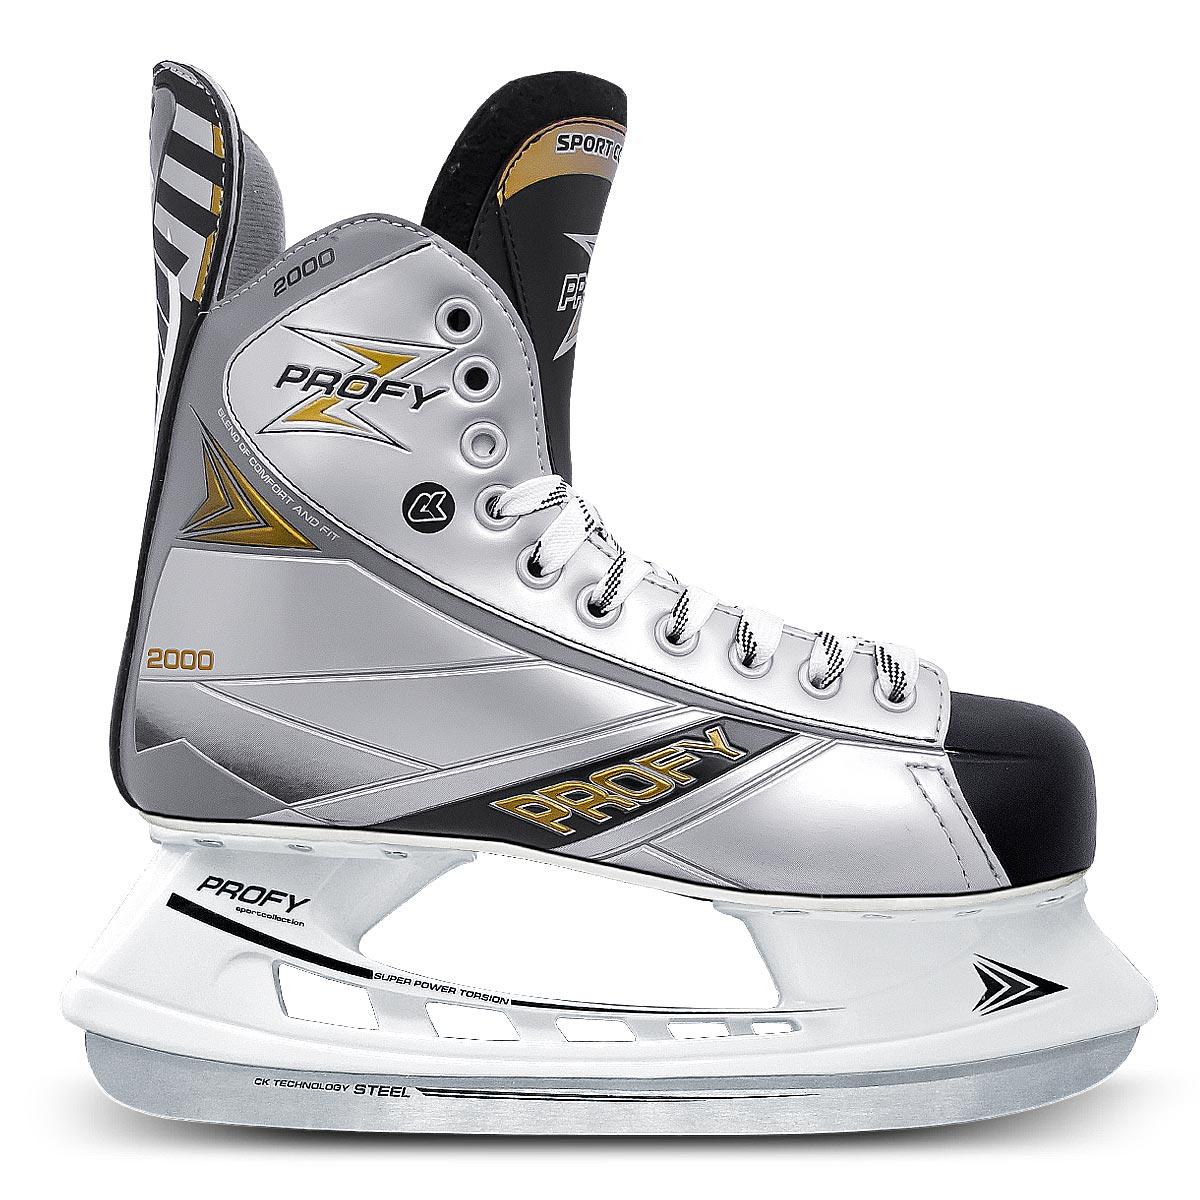 Коньки хоккейные мужские СК Profy Z 2000, цвет: черный, серый. Размер 38PROFY Z 2000_черный, серый_38Стильные мужские коньки от CK Profy Z 2000 прекрасно подойдут для начинающих игроков в хоккей. Ботинок выполнен из морозоустойчивой искусственной кожи и ПВХ. Мыс дополнен вставкой, которая защитит ноги от ударов. Внутренний слой и стелька изготовлены из мягкого текстиля, который обеспечит тепло и комфорт во время катания, язычок - из войлока. Плотная шнуровка надежно фиксирует модель на ноге. Голеностоп имеет удобный суппорт. По верху коньки декорированы тиснением в виде логотипа бренда. Подошва - из твердого пластика. Стойка выполнена из ударопрочного поливинилхлорида. Лезвие из углеродистой нержавеющей стали обеспечит превосходное скольжение. Оригинальные коньки придутся вам по душе.